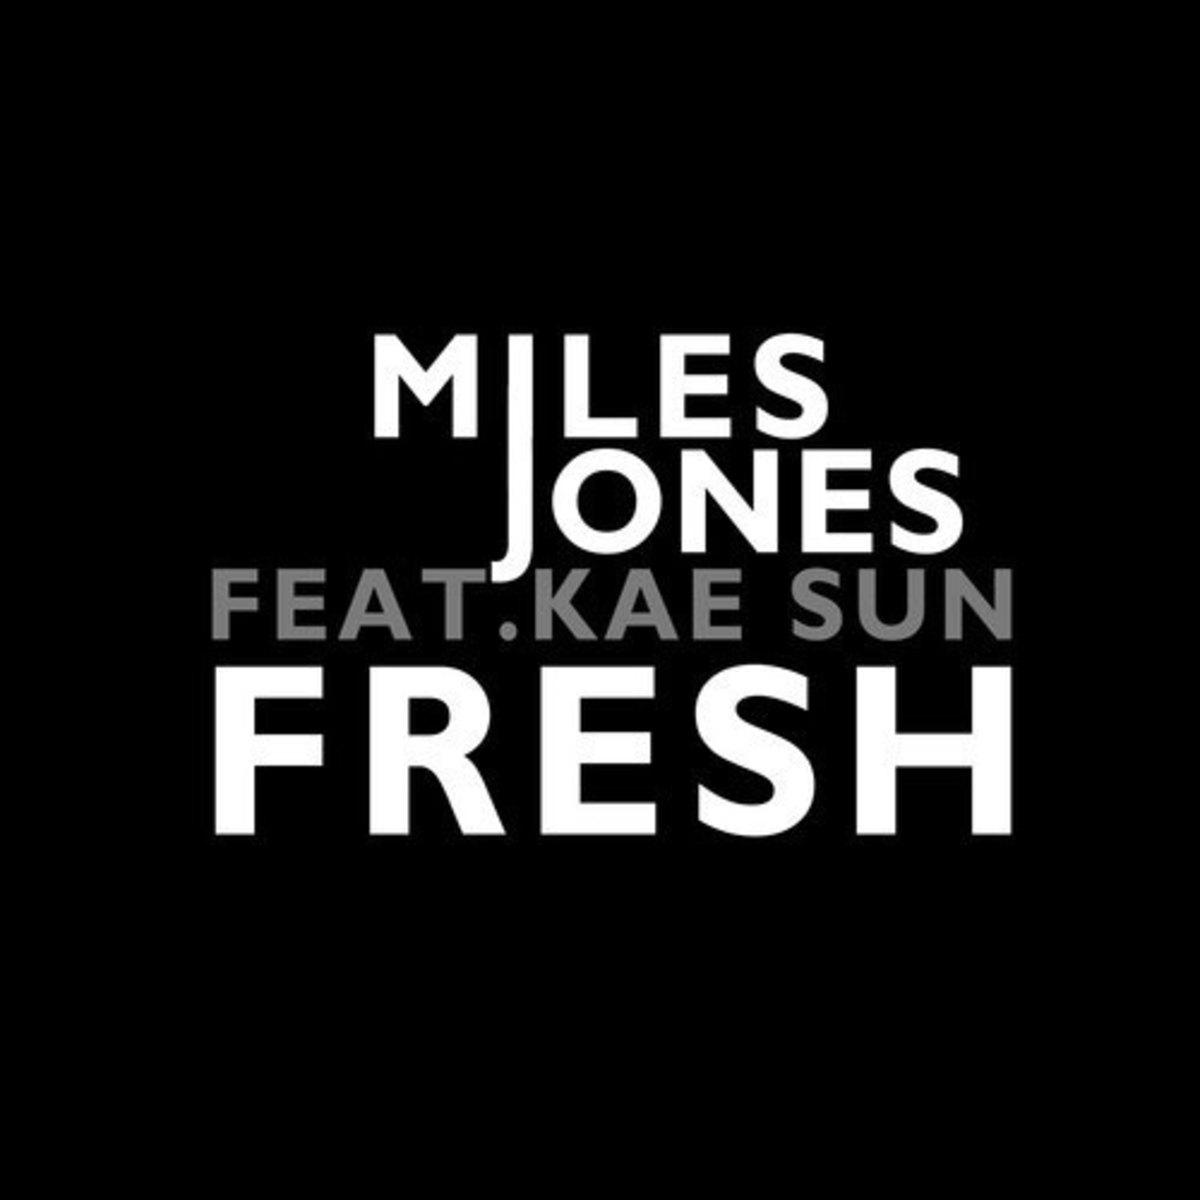 milesjones-fresh.jpg